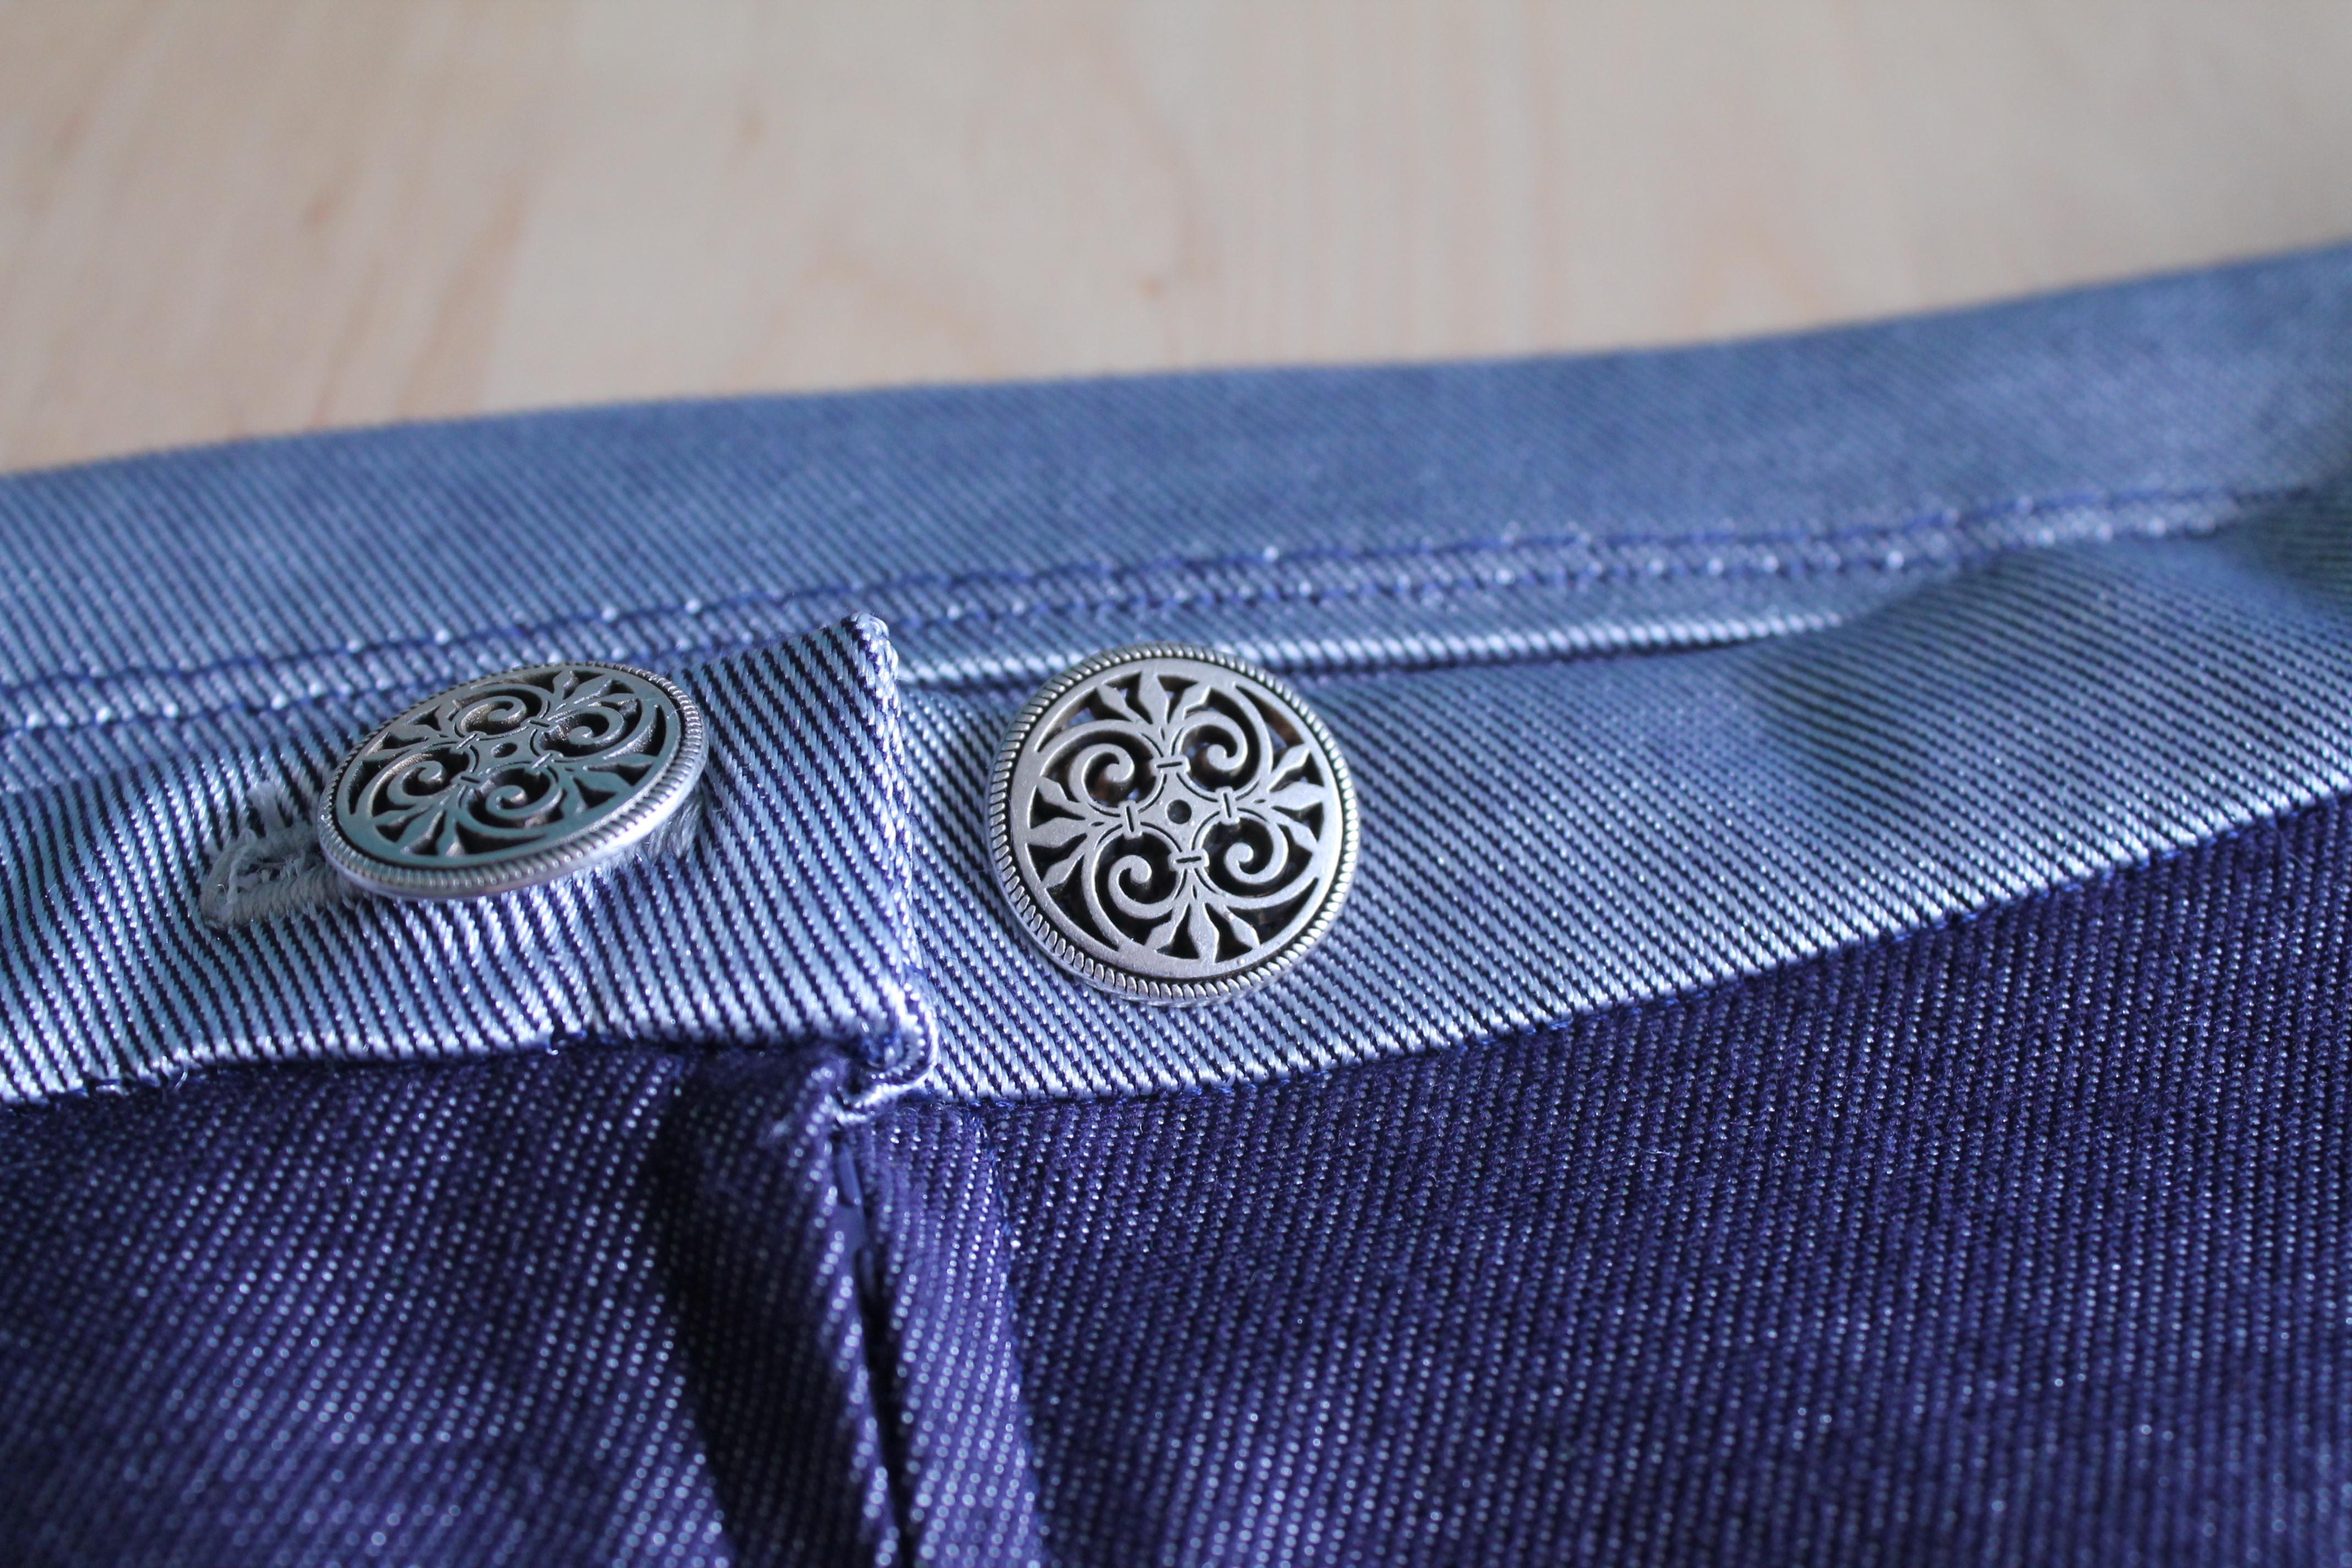 Gallifreyan buttons?